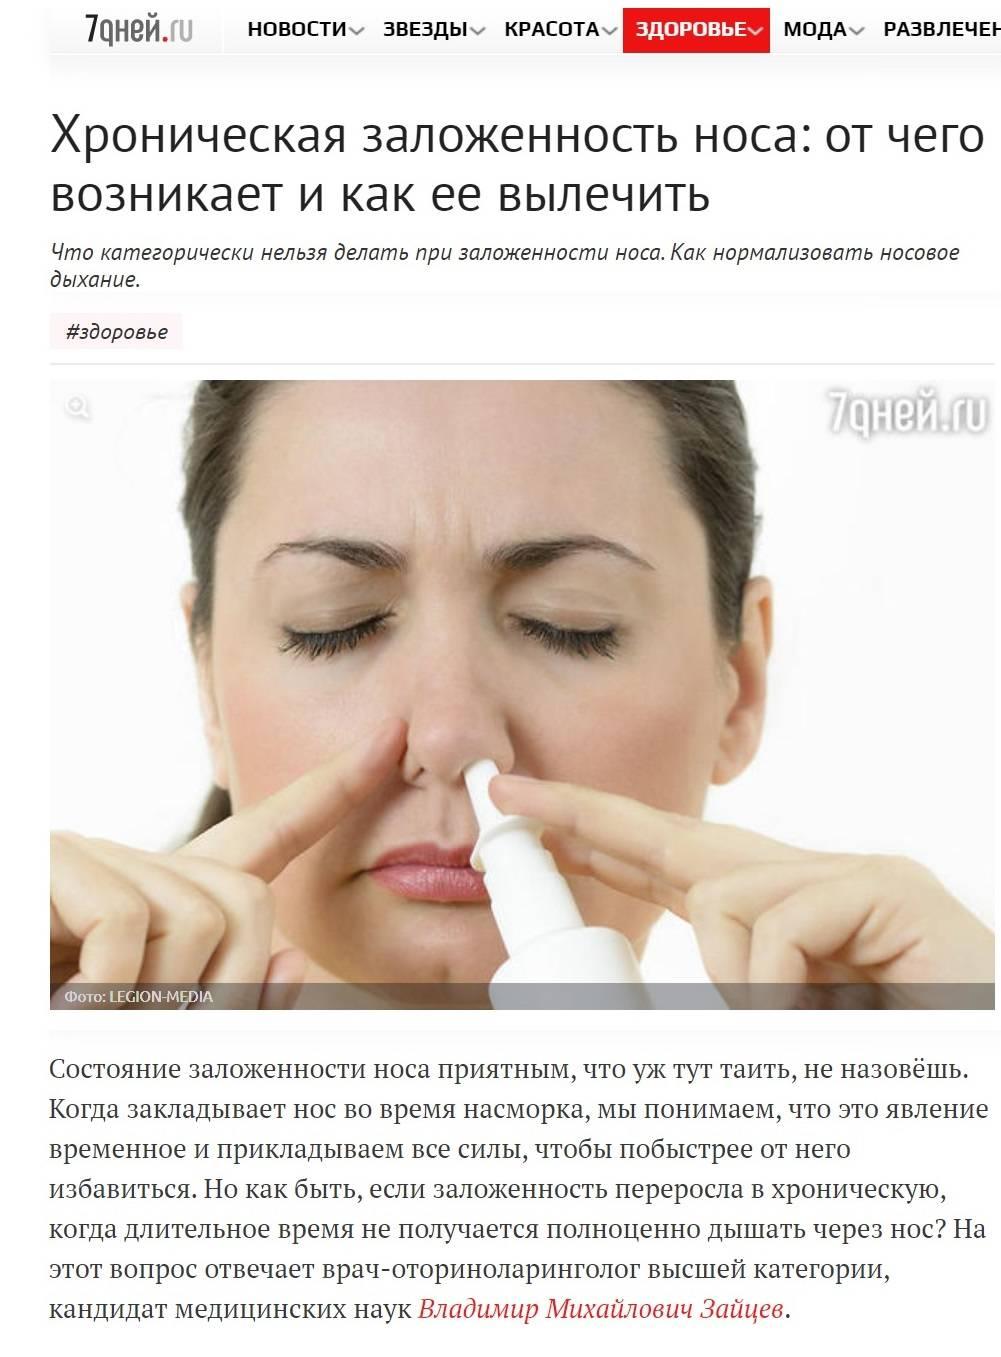 чем лучше снять заложенность носа у ребенка